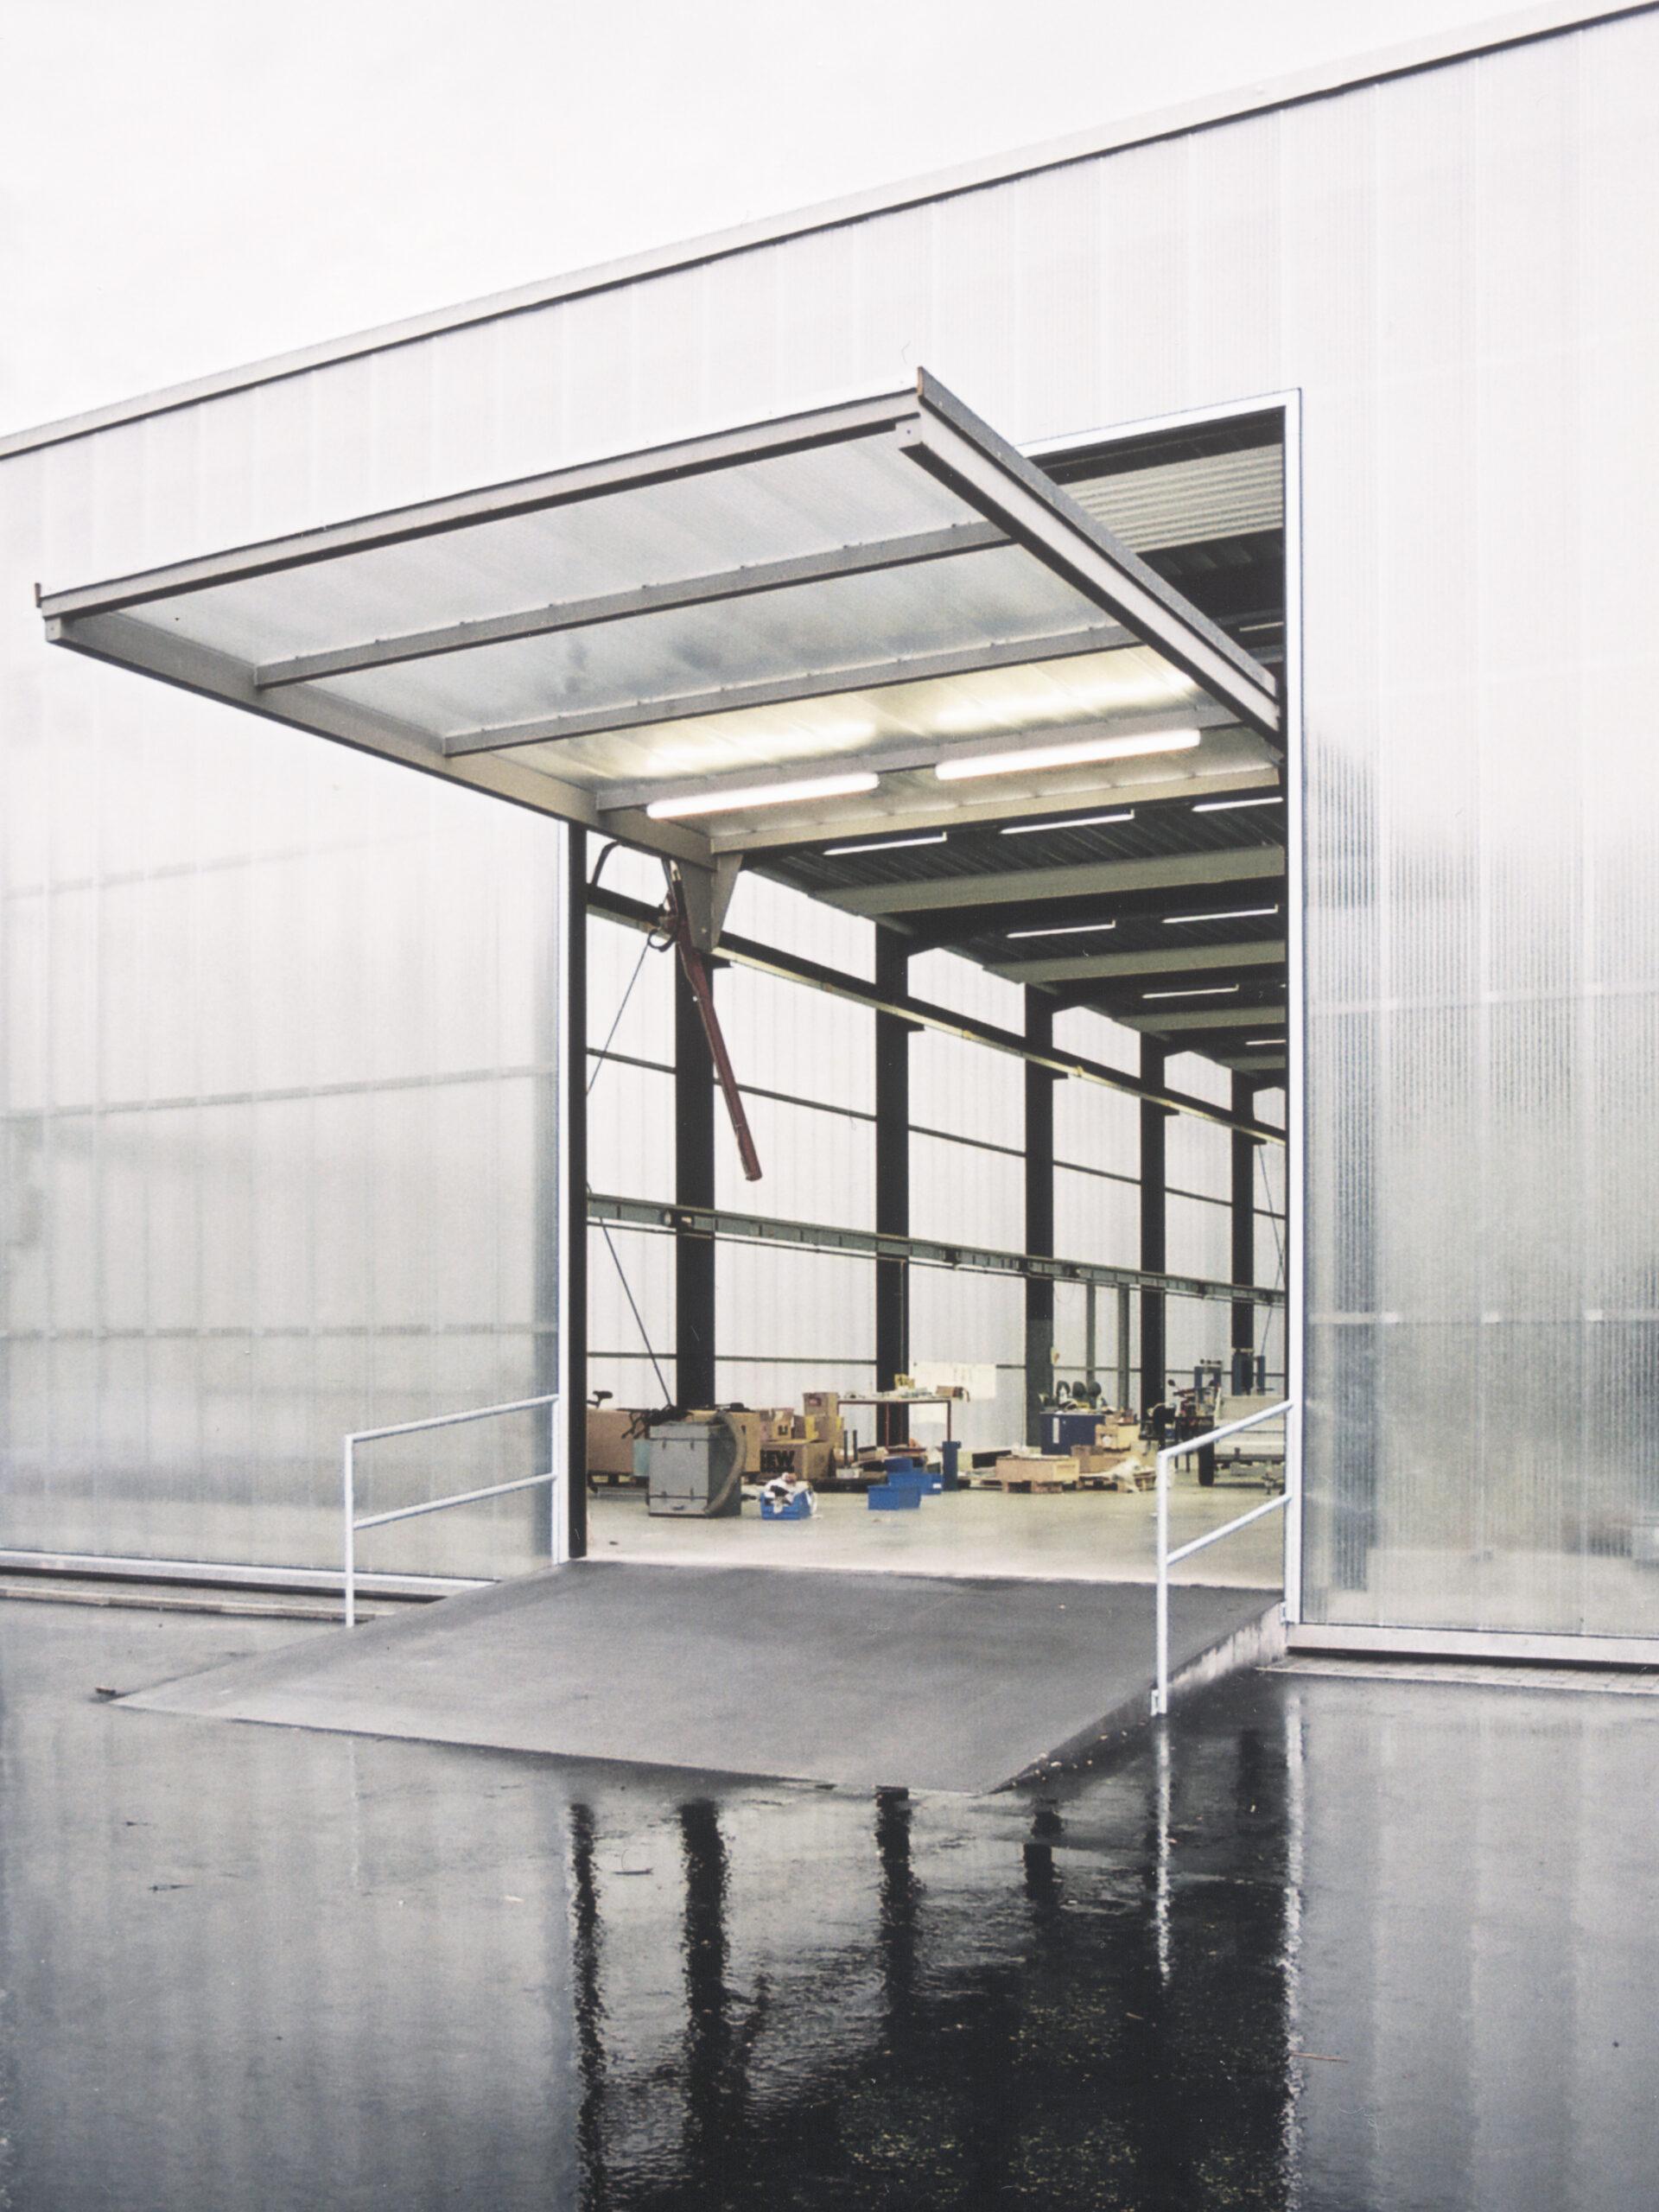 Michael-Becker-Architects-Architekten-Fertigungshalle-b-08